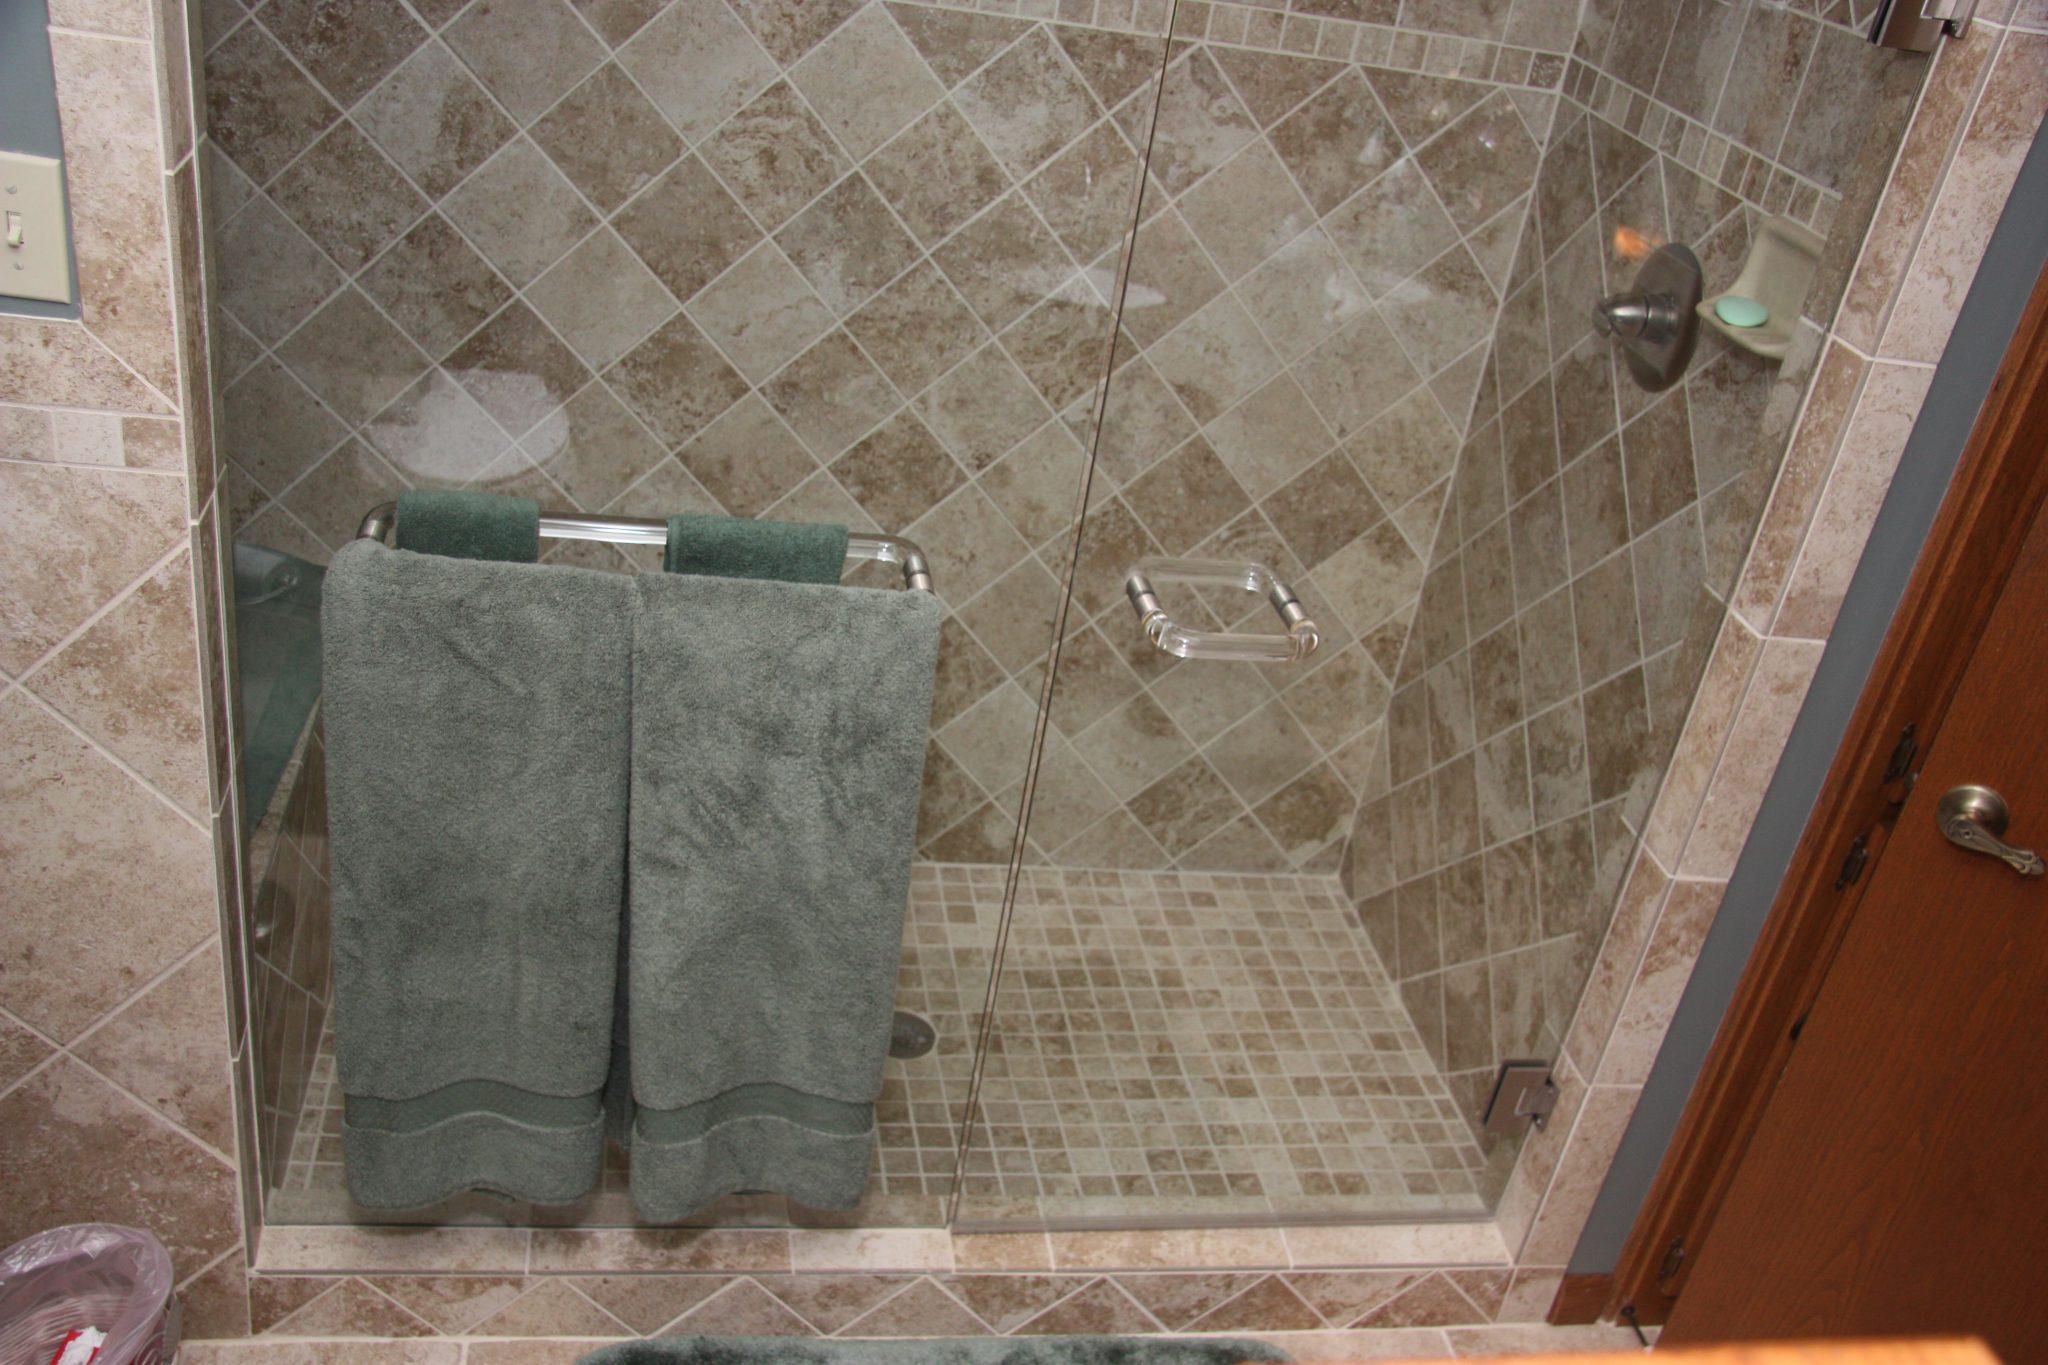 Tout sur la douche à l\'italienne ? - Réponses sur le blog ...